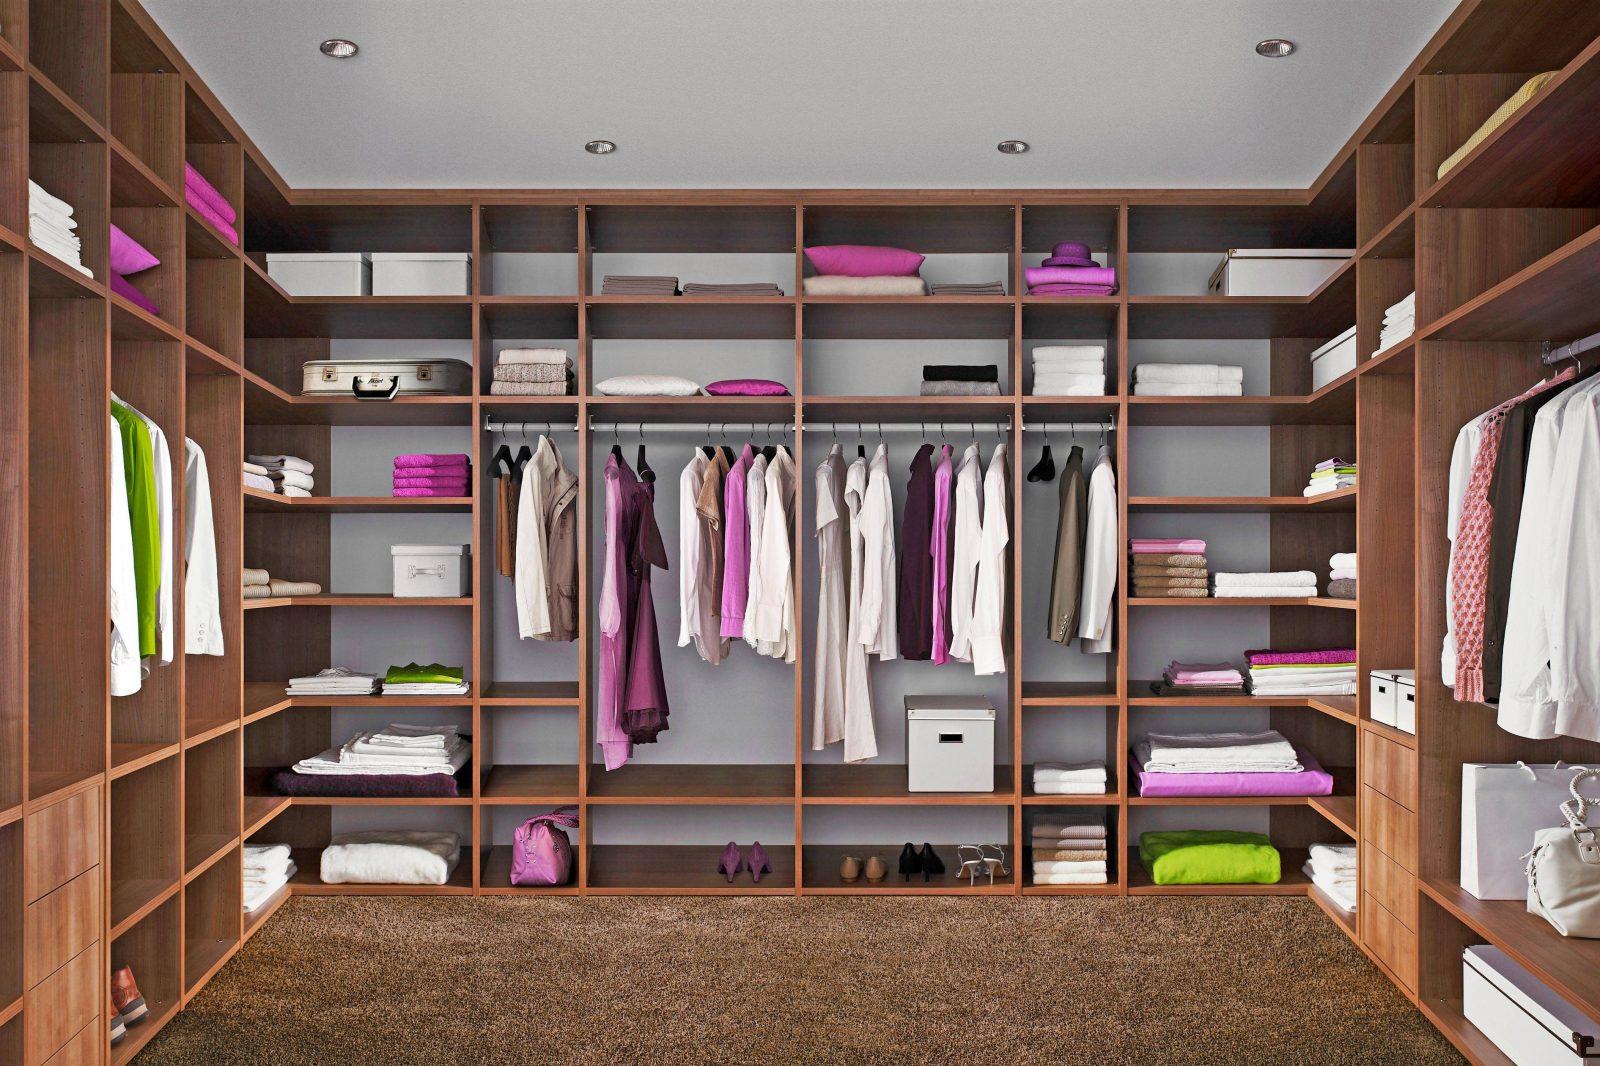 Genial Begehbaren Kleiderschrank Selber Bauen Struktur Volksfreund von Begehbarer Kleiderschrank Selber Bauen Photo